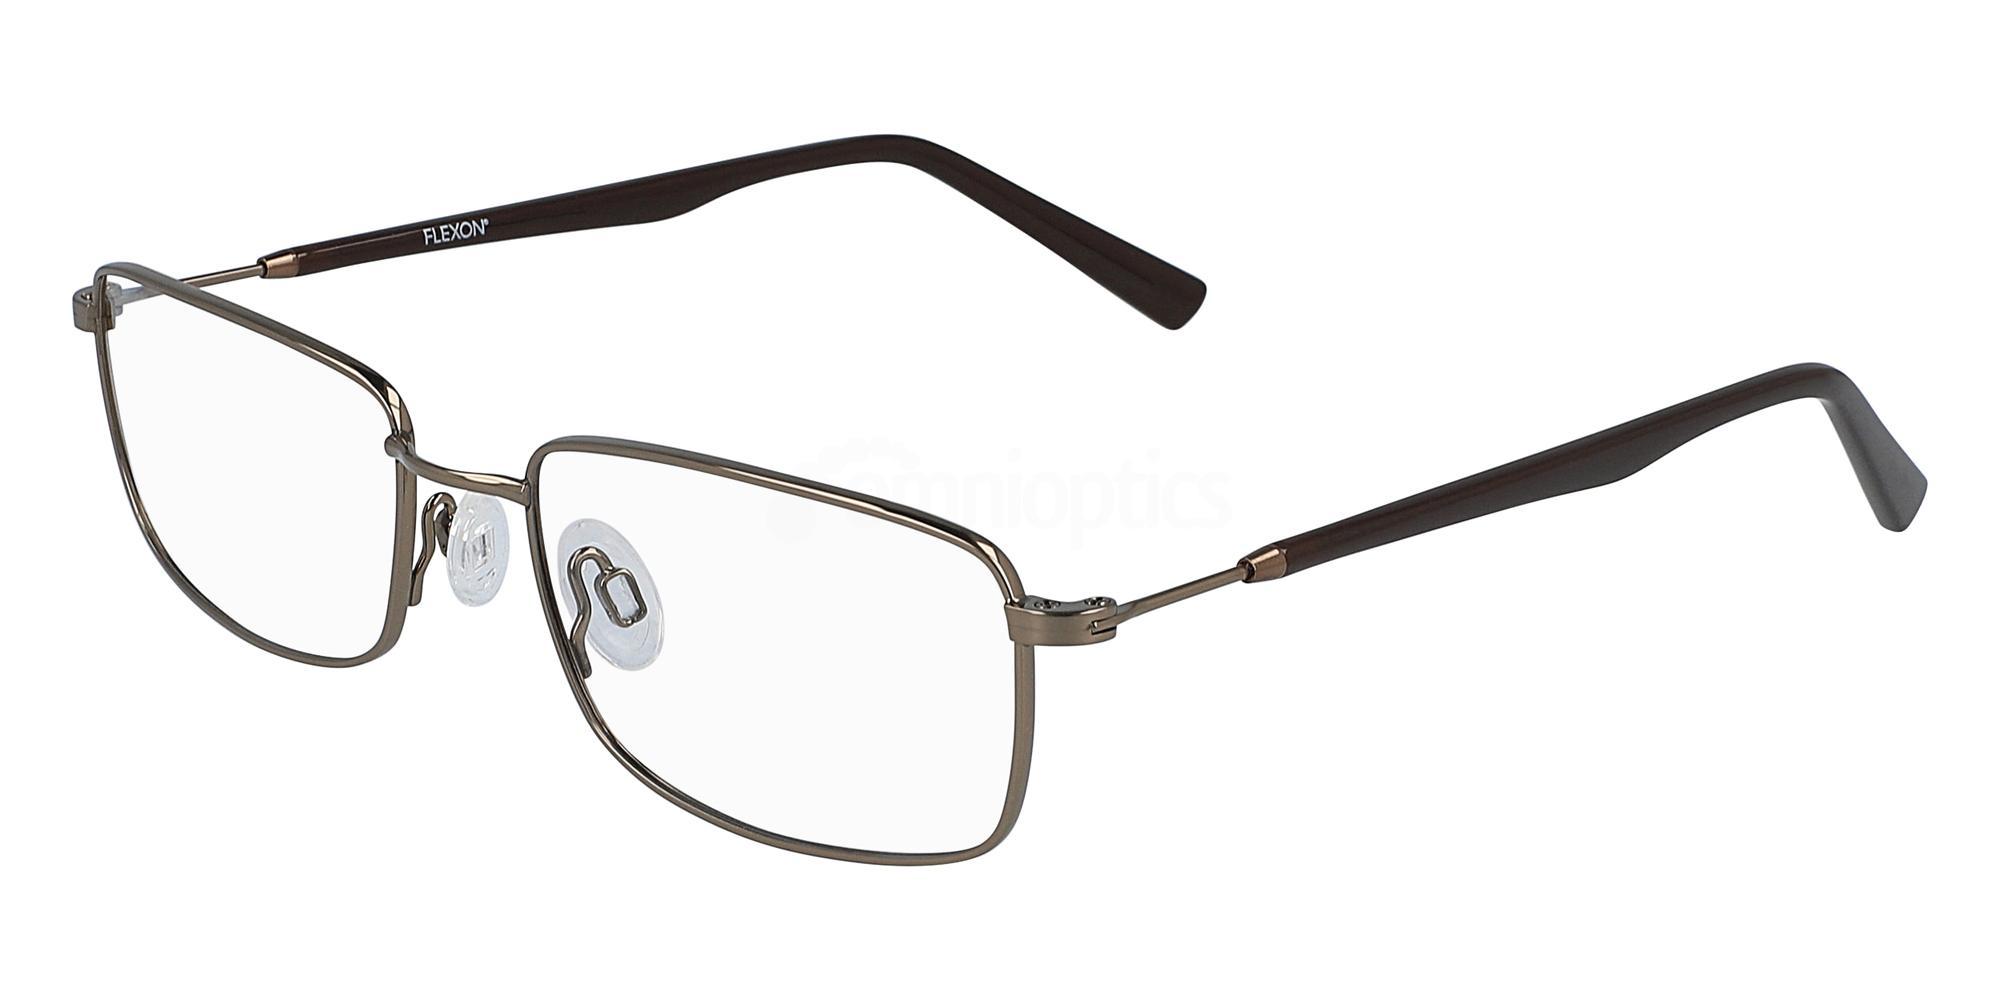 001 FLEXON H6012 Glasses, Flexon